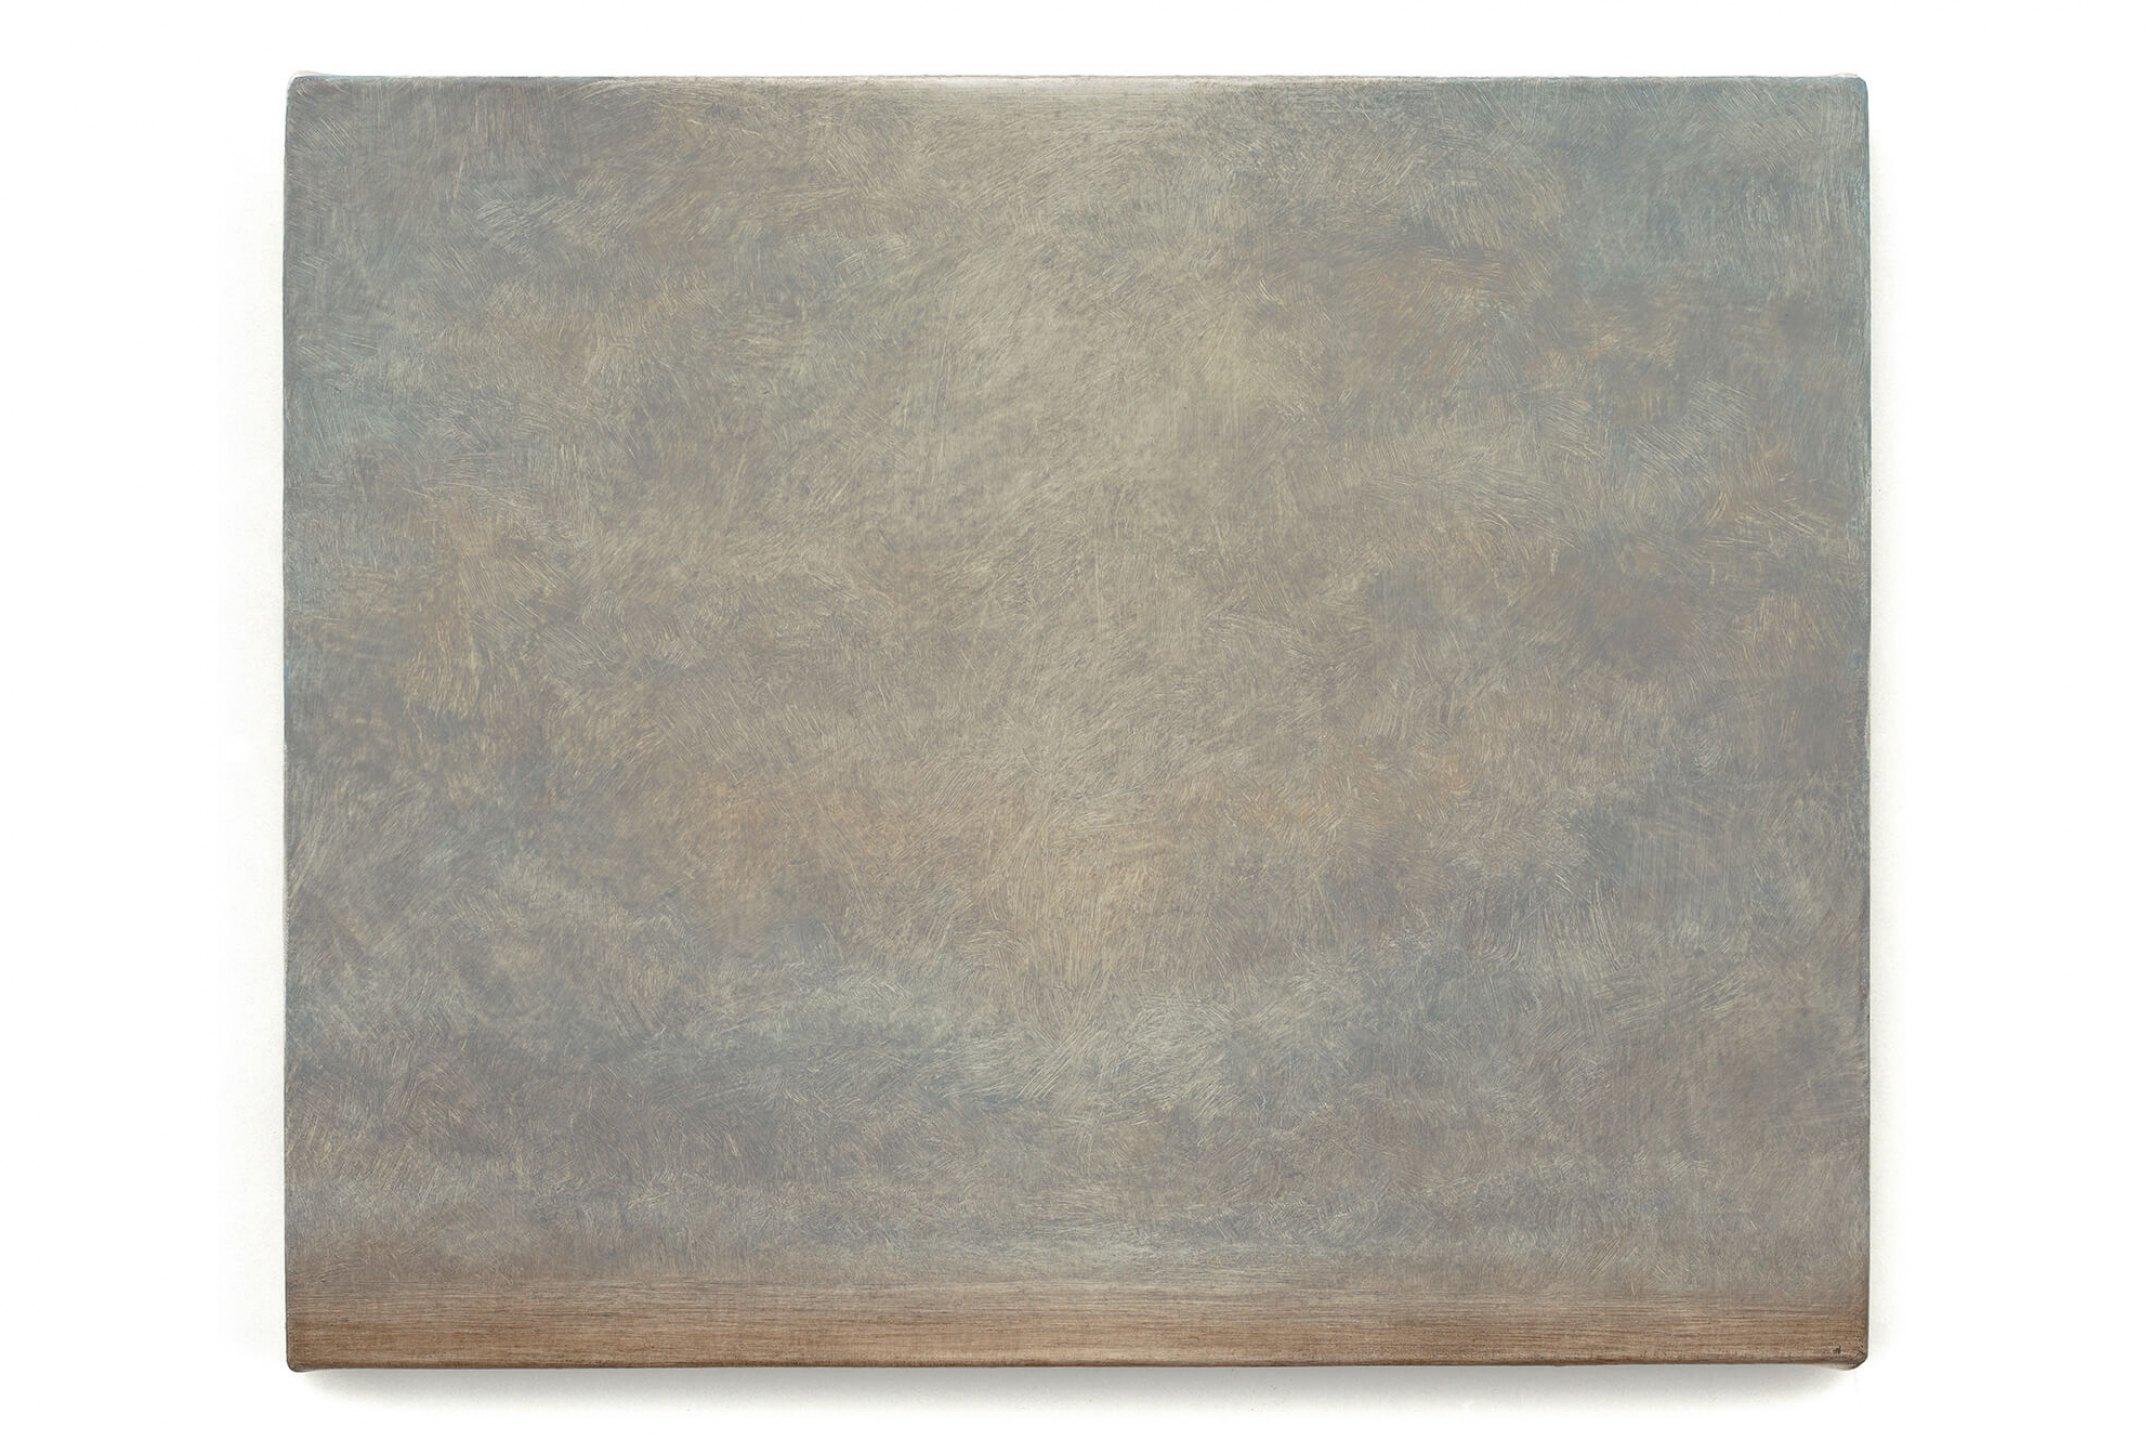 Lucas Arruda,&nbsp;<em>untitled</em>,&nbsp;2015, oil on canvas, 30 × 37 cm - Mendes Wood DM